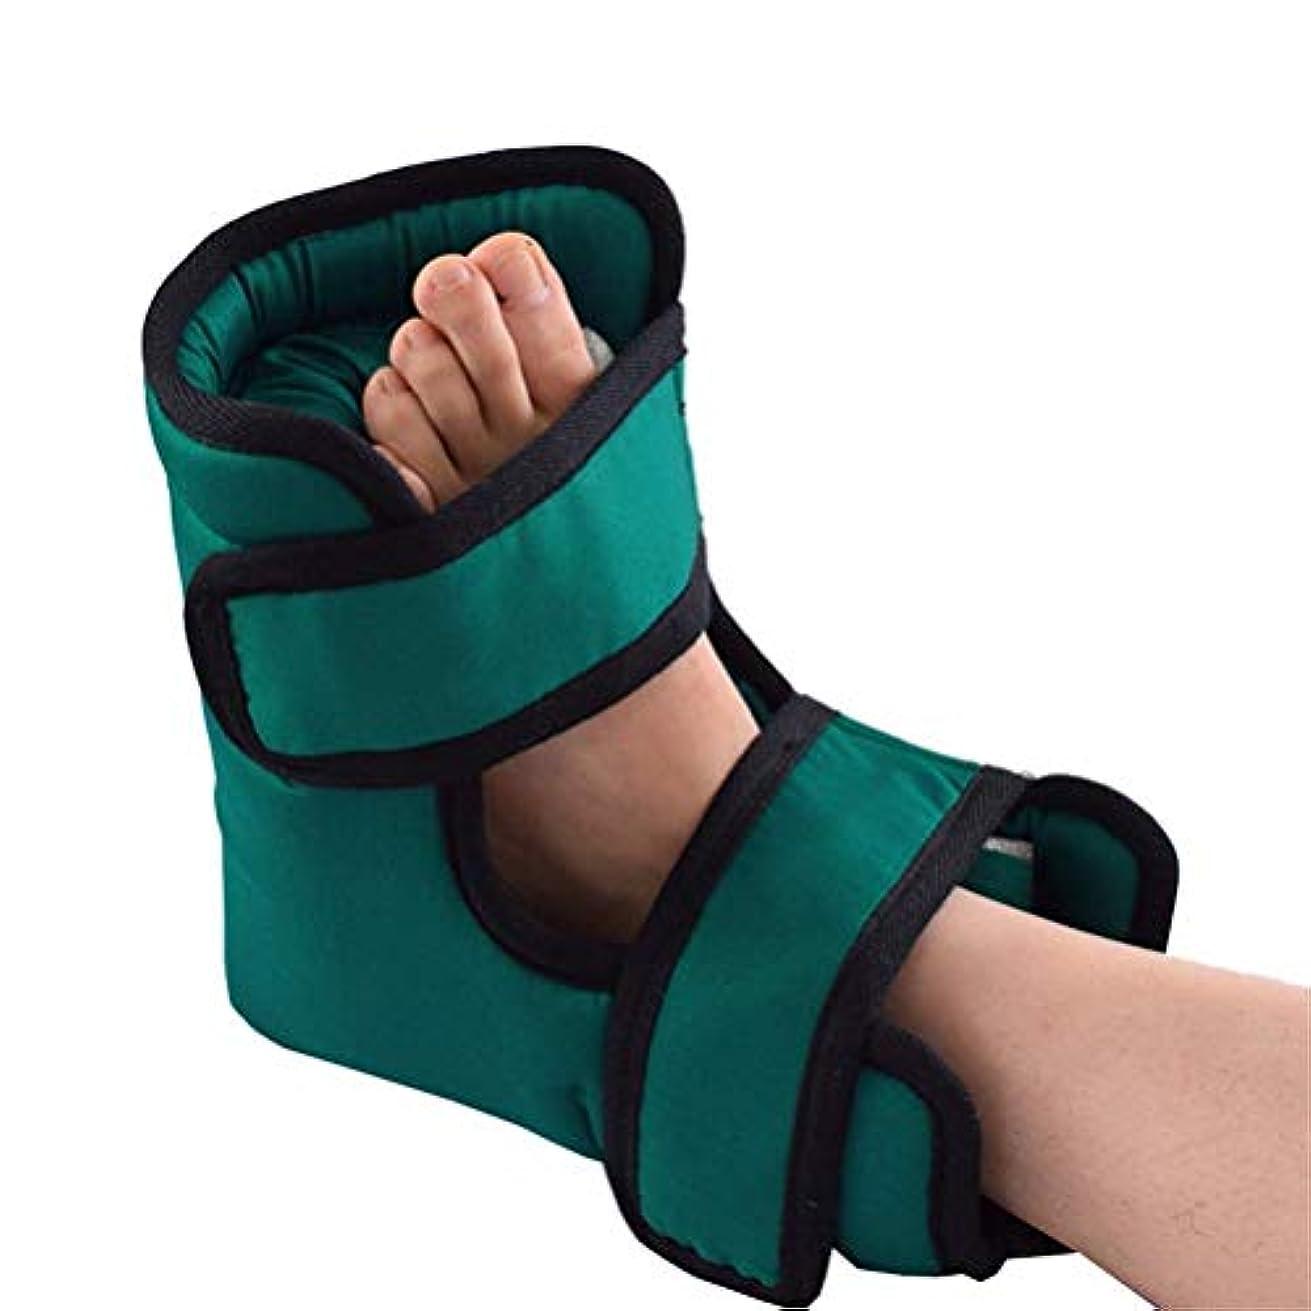 パケット魅力的納税者抗褥瘡 ヒールクッション - 圧力緩和ヒールプロテクター - 褥瘡と腱の残りのための足首保護枕 - 1ペア